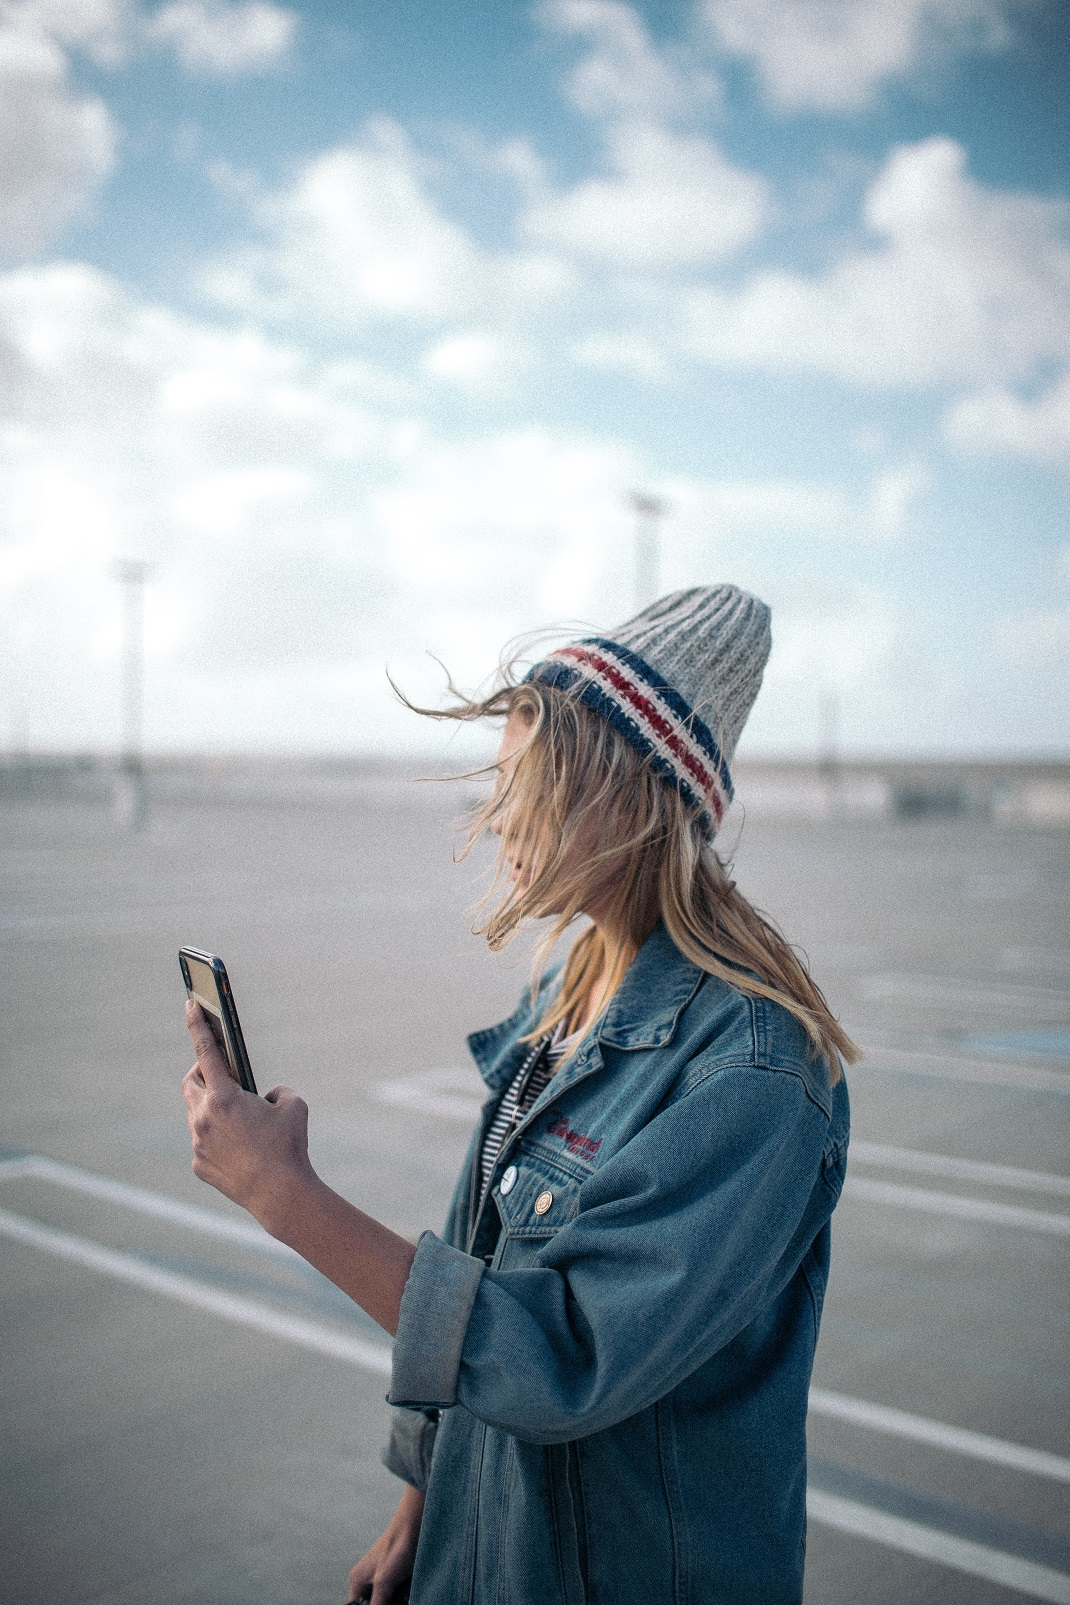 Γυναίκα με τζιν μπουφάν κοιτάει το κινητό της